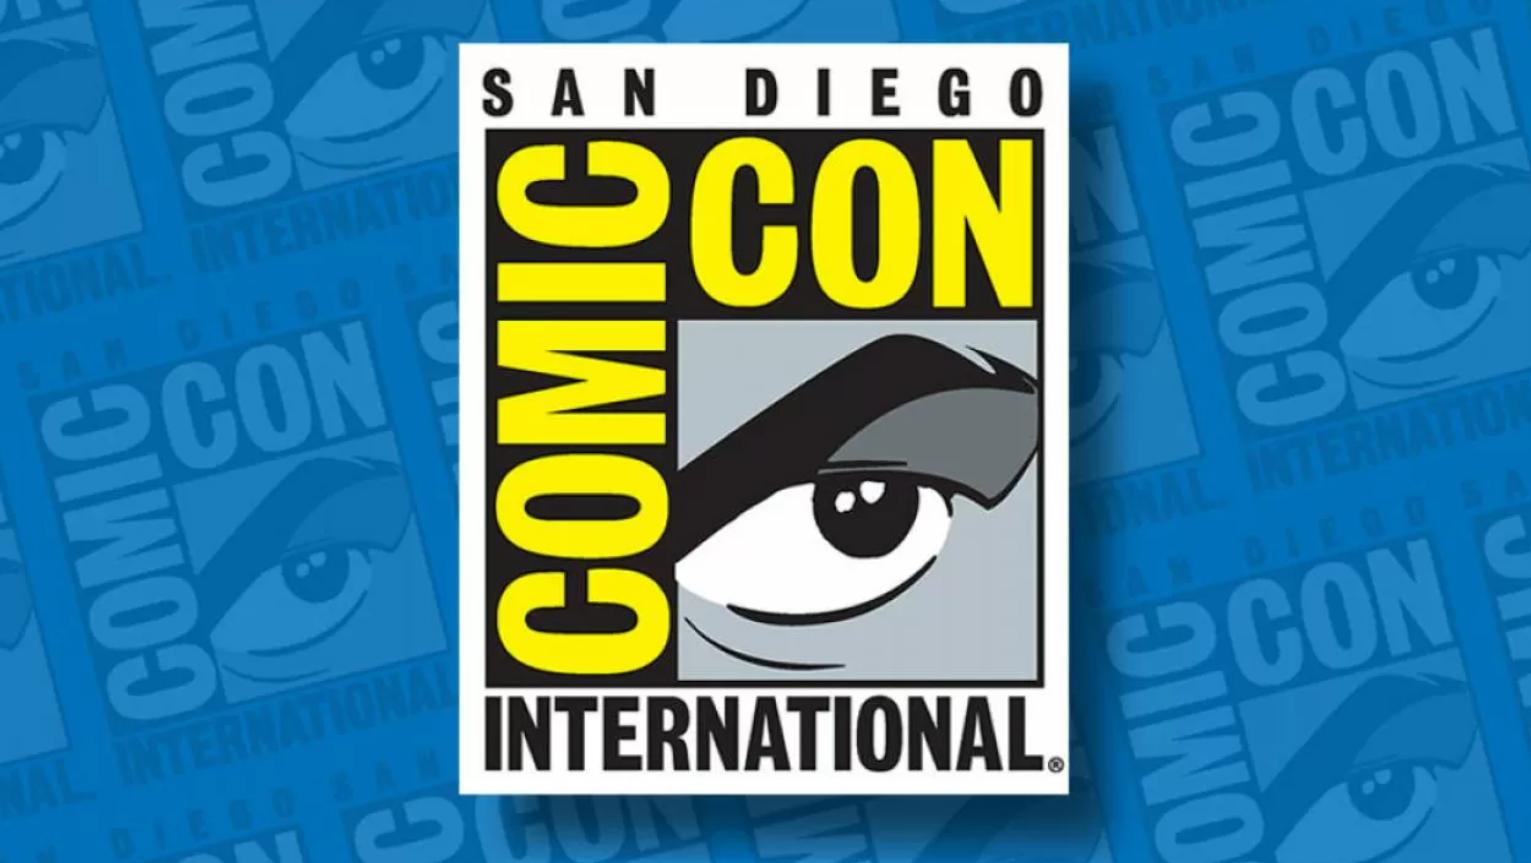 San Diego Comic Con 2020 – L'evento si terrà in streaming dal 22 luglio